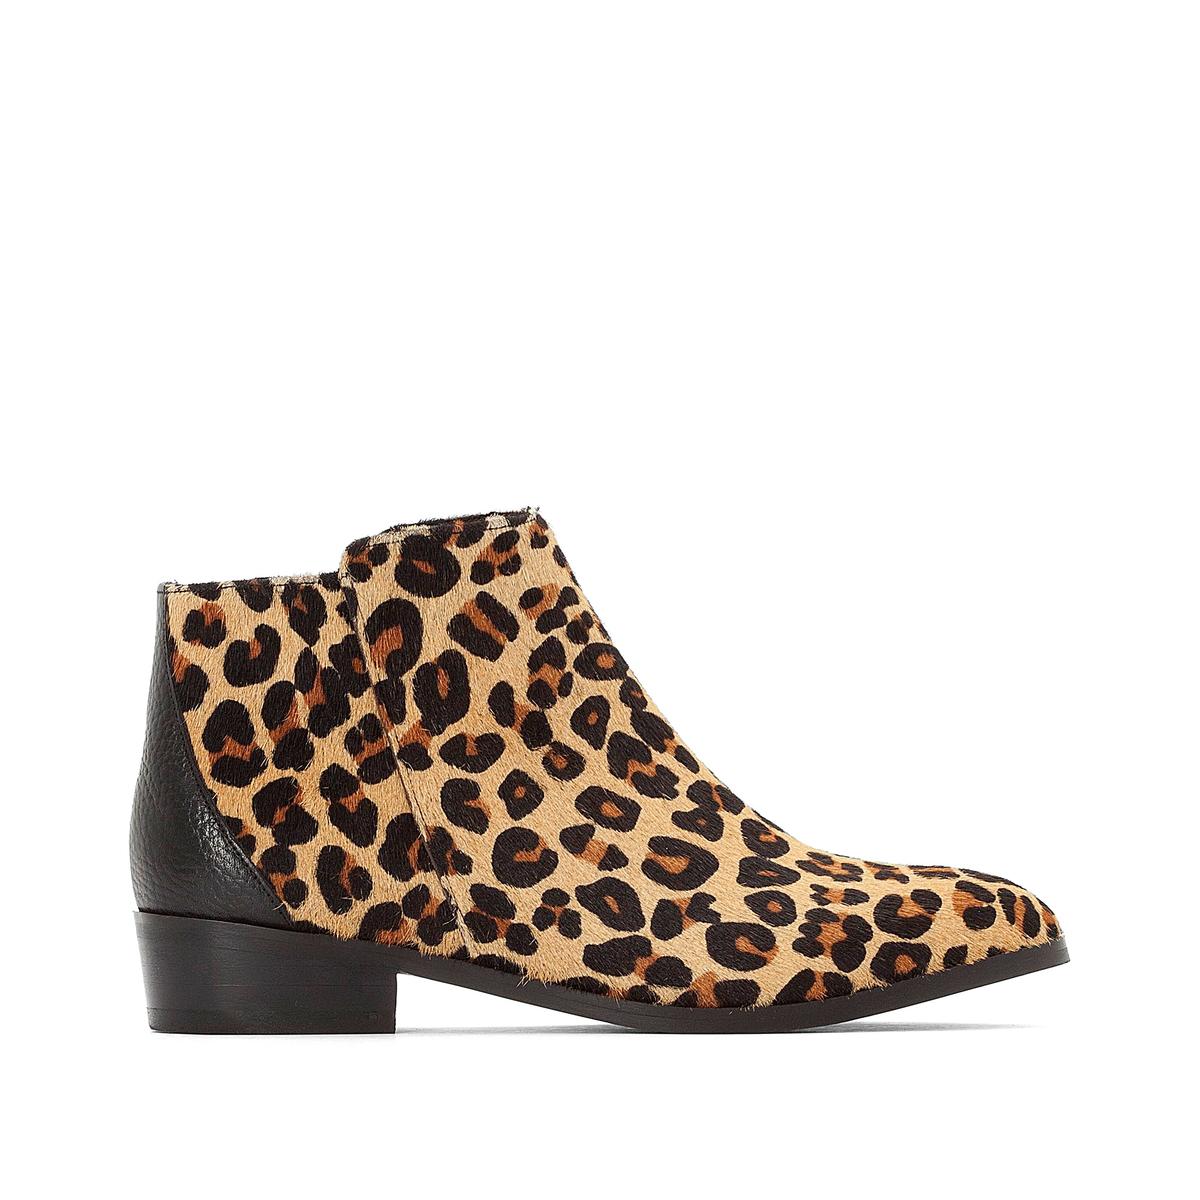 Botines estilo leopardo con efecto de dos materias de piel Premium